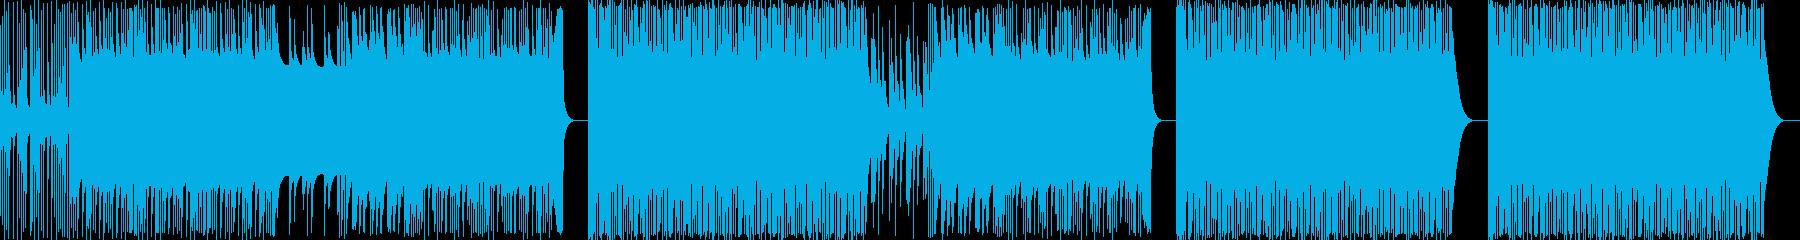 クランク/808/東洋/ヒップホップ#1の再生済みの波形